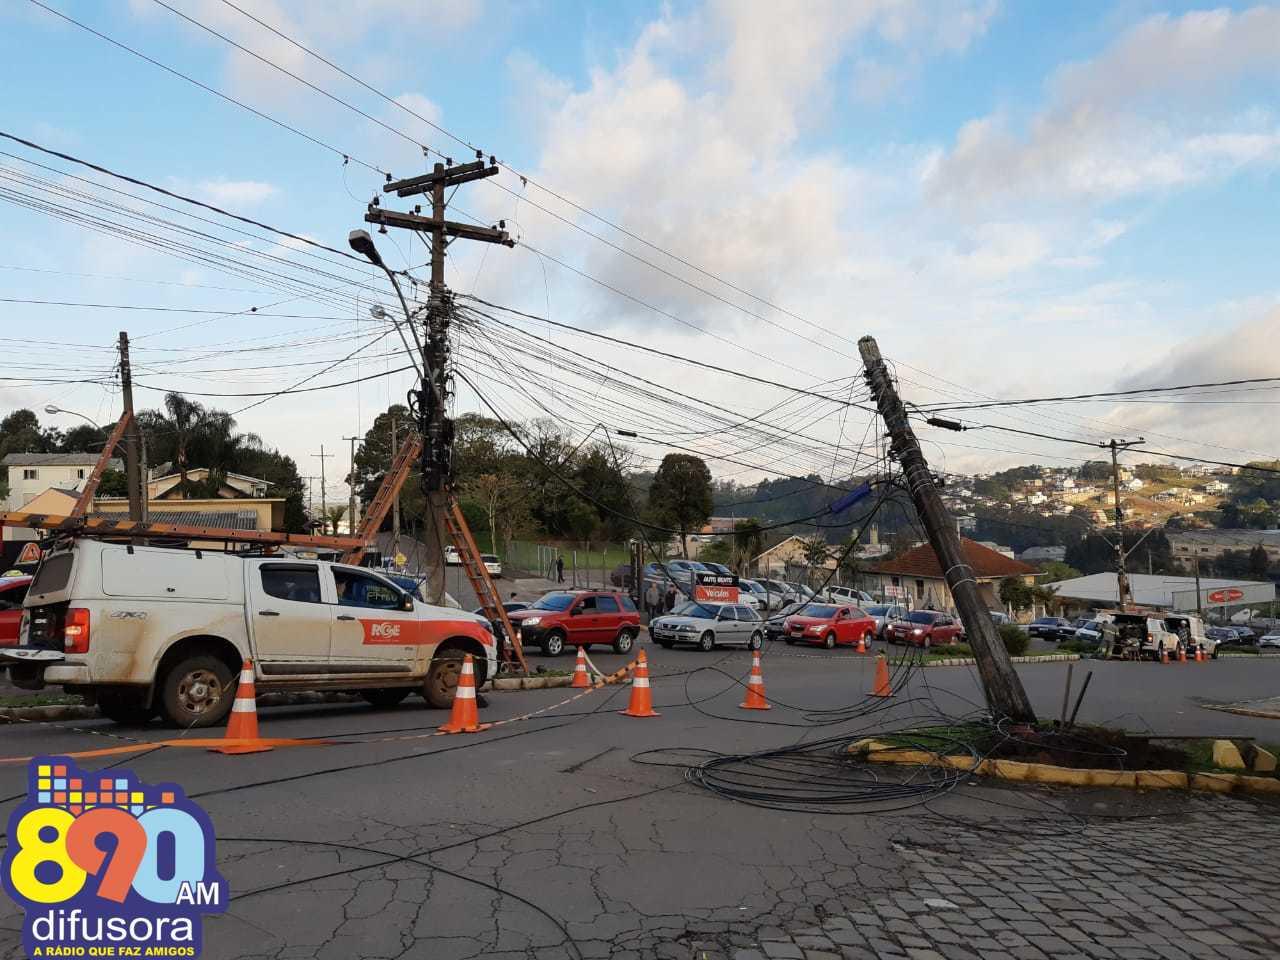 Incidente resulta em rompimento de fios e danos em poste no Botafogo em Bento